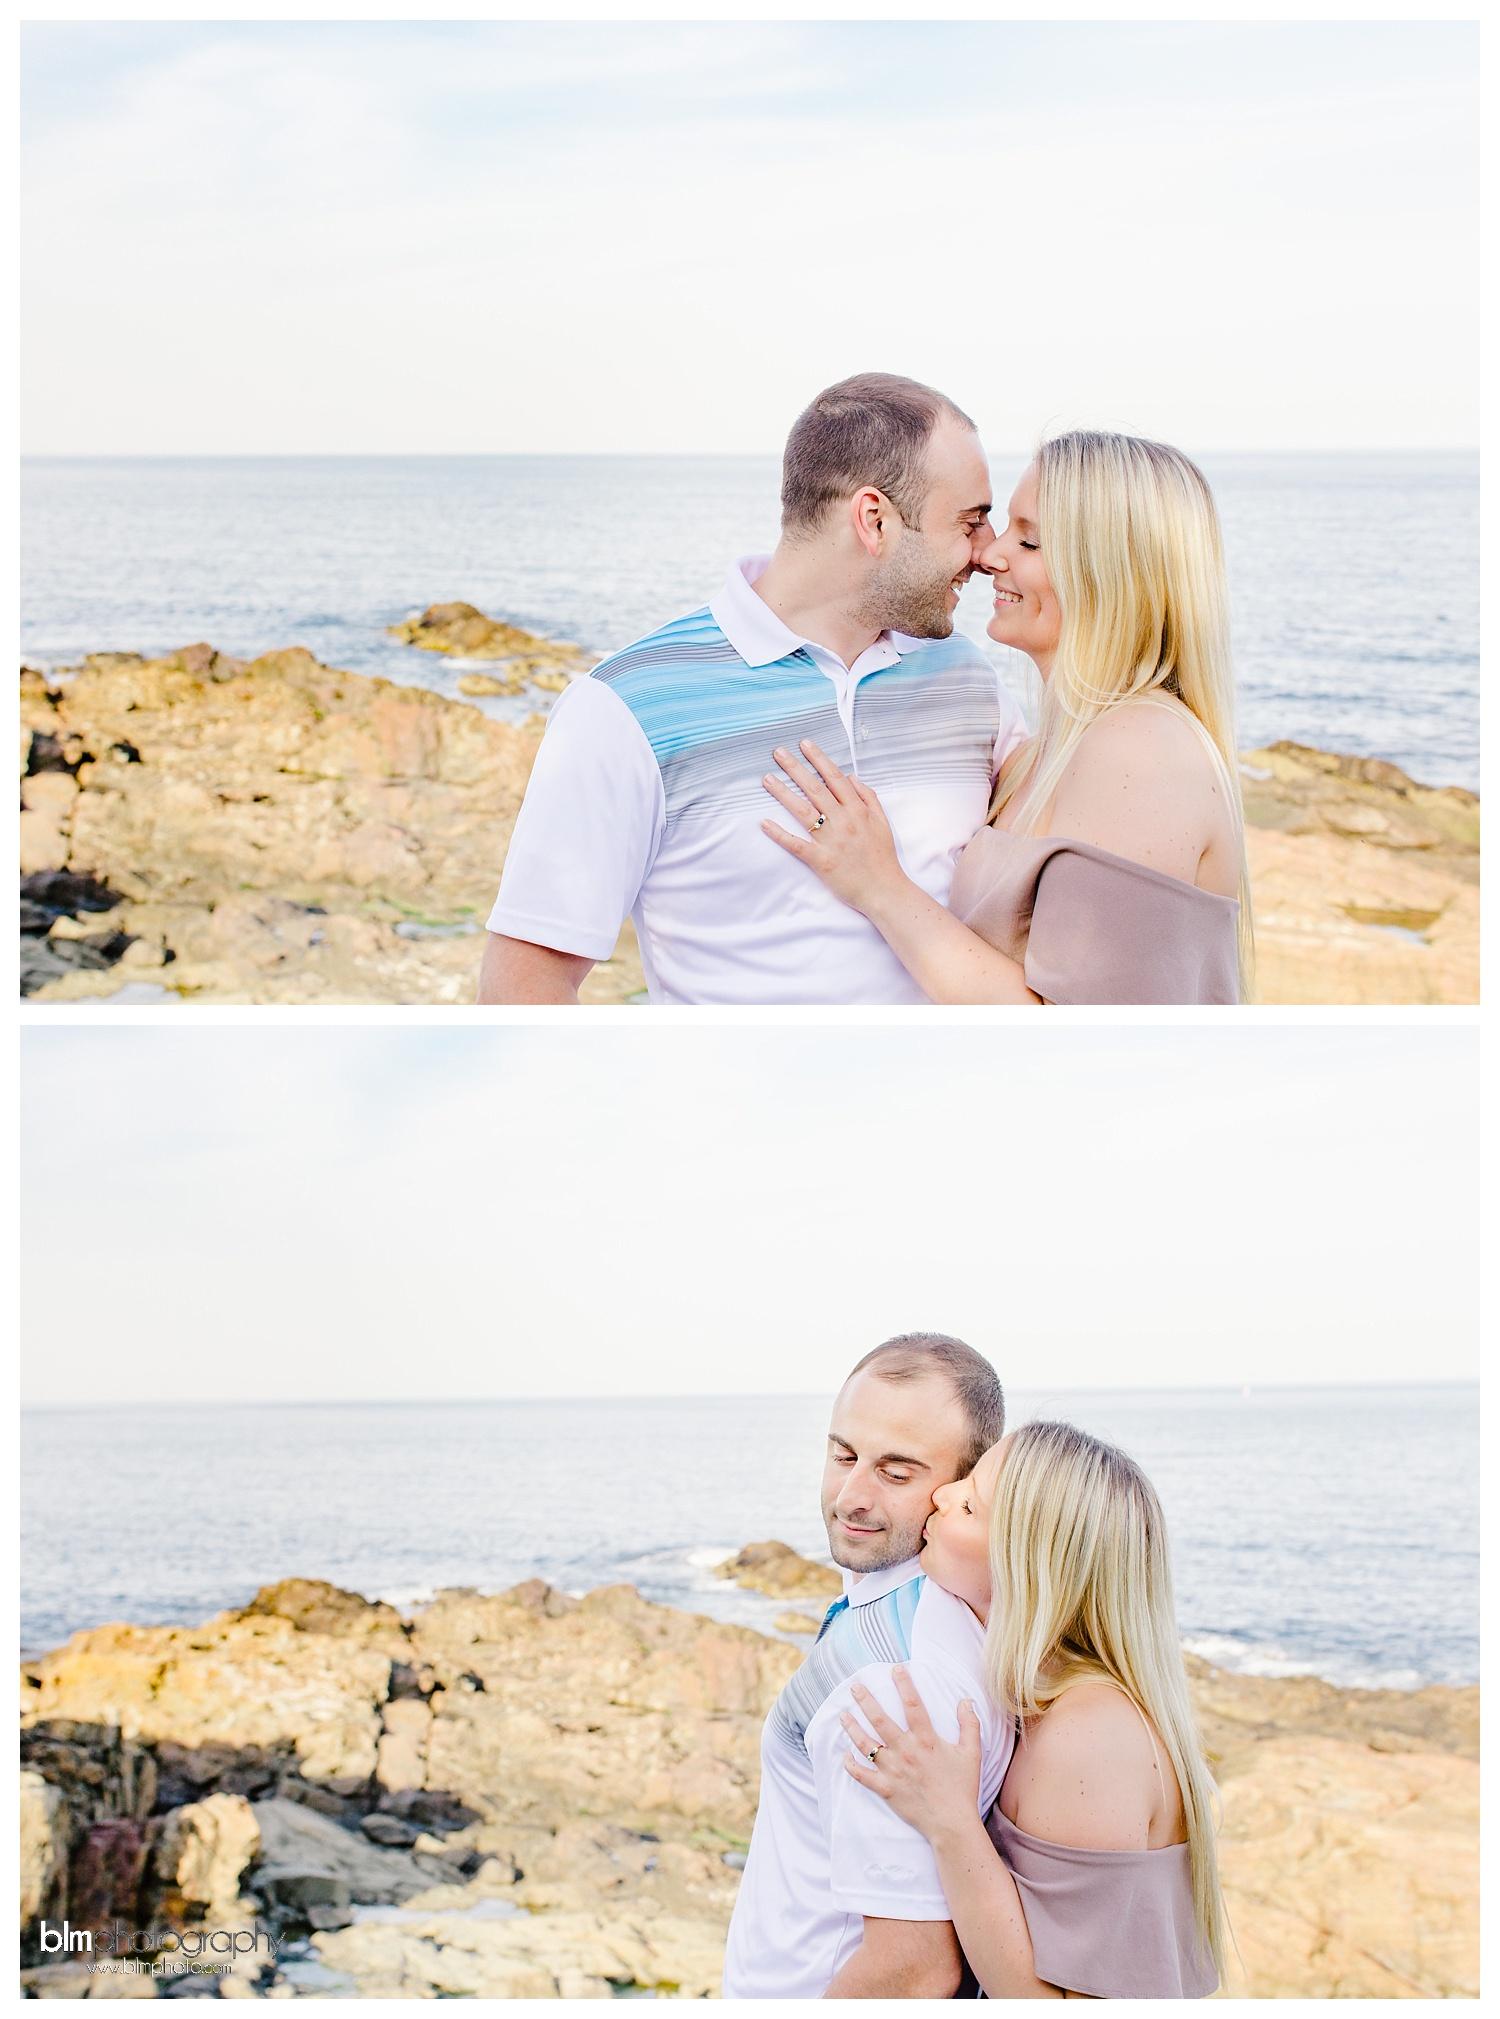 033Sarah-Jimmy-Engagement-9079.jpg